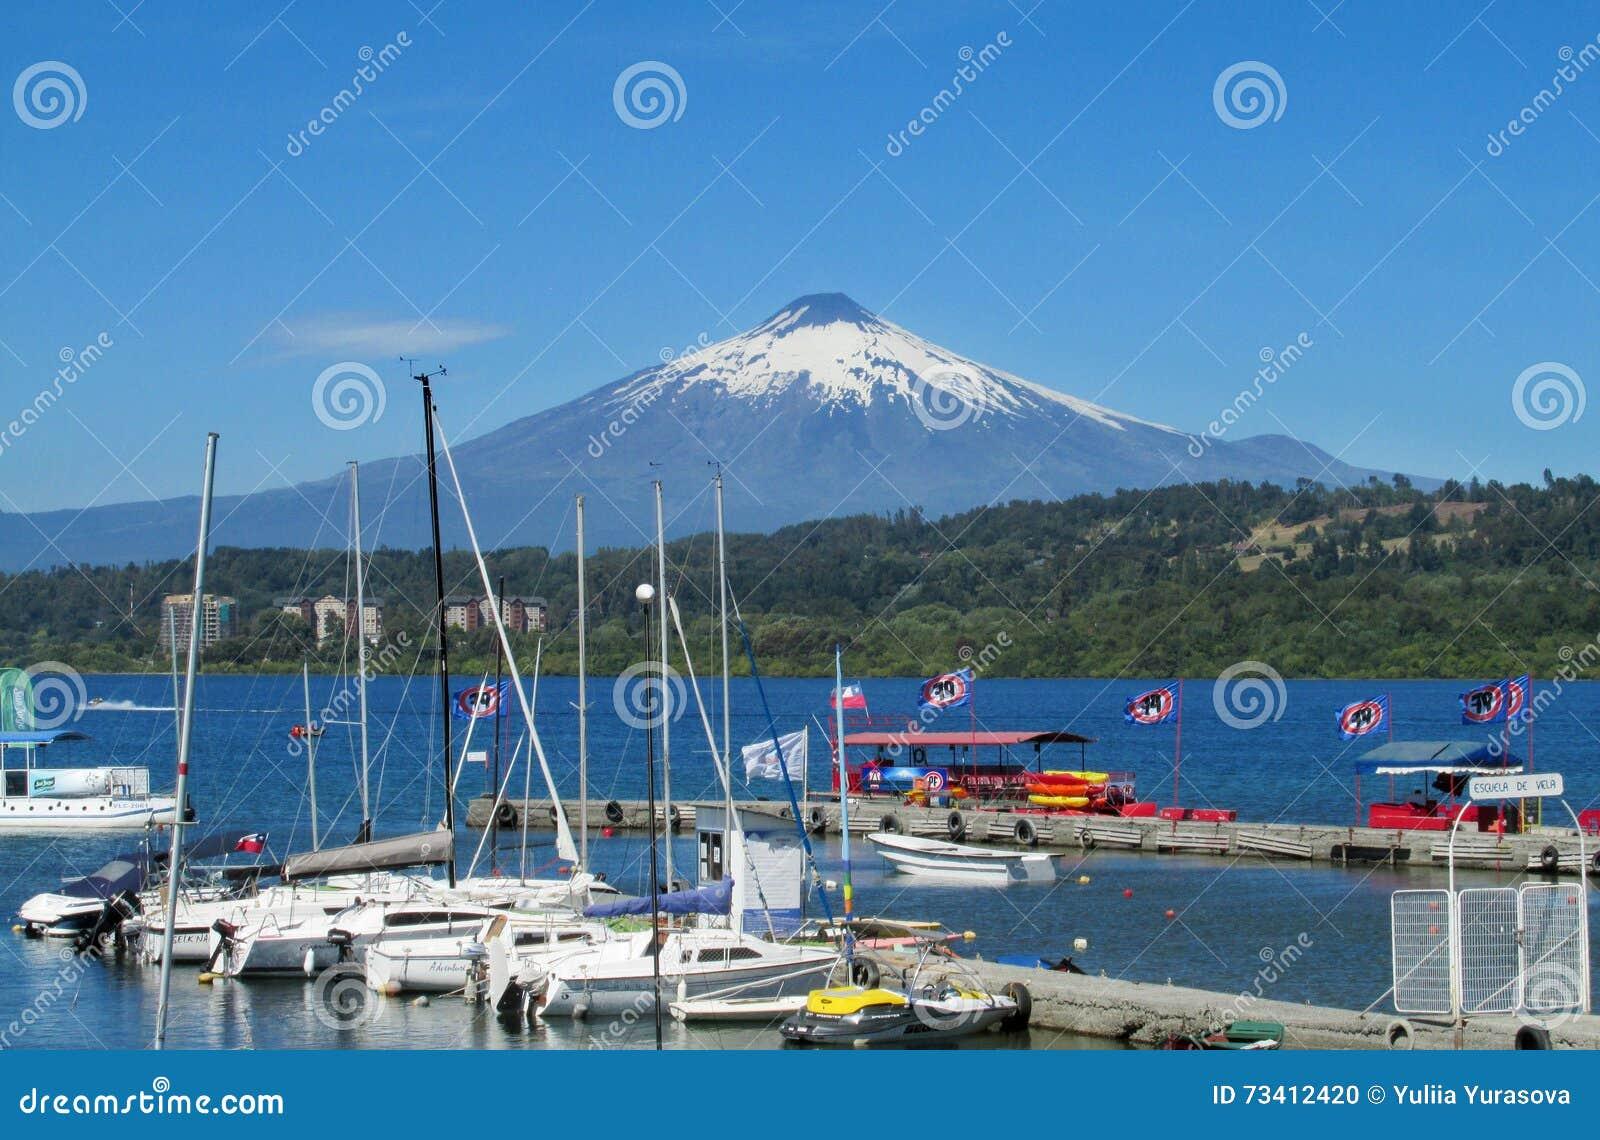 Λιμάνι στο χωριό Villarica, στη λίμνη κοντά στο ηφαίστειο